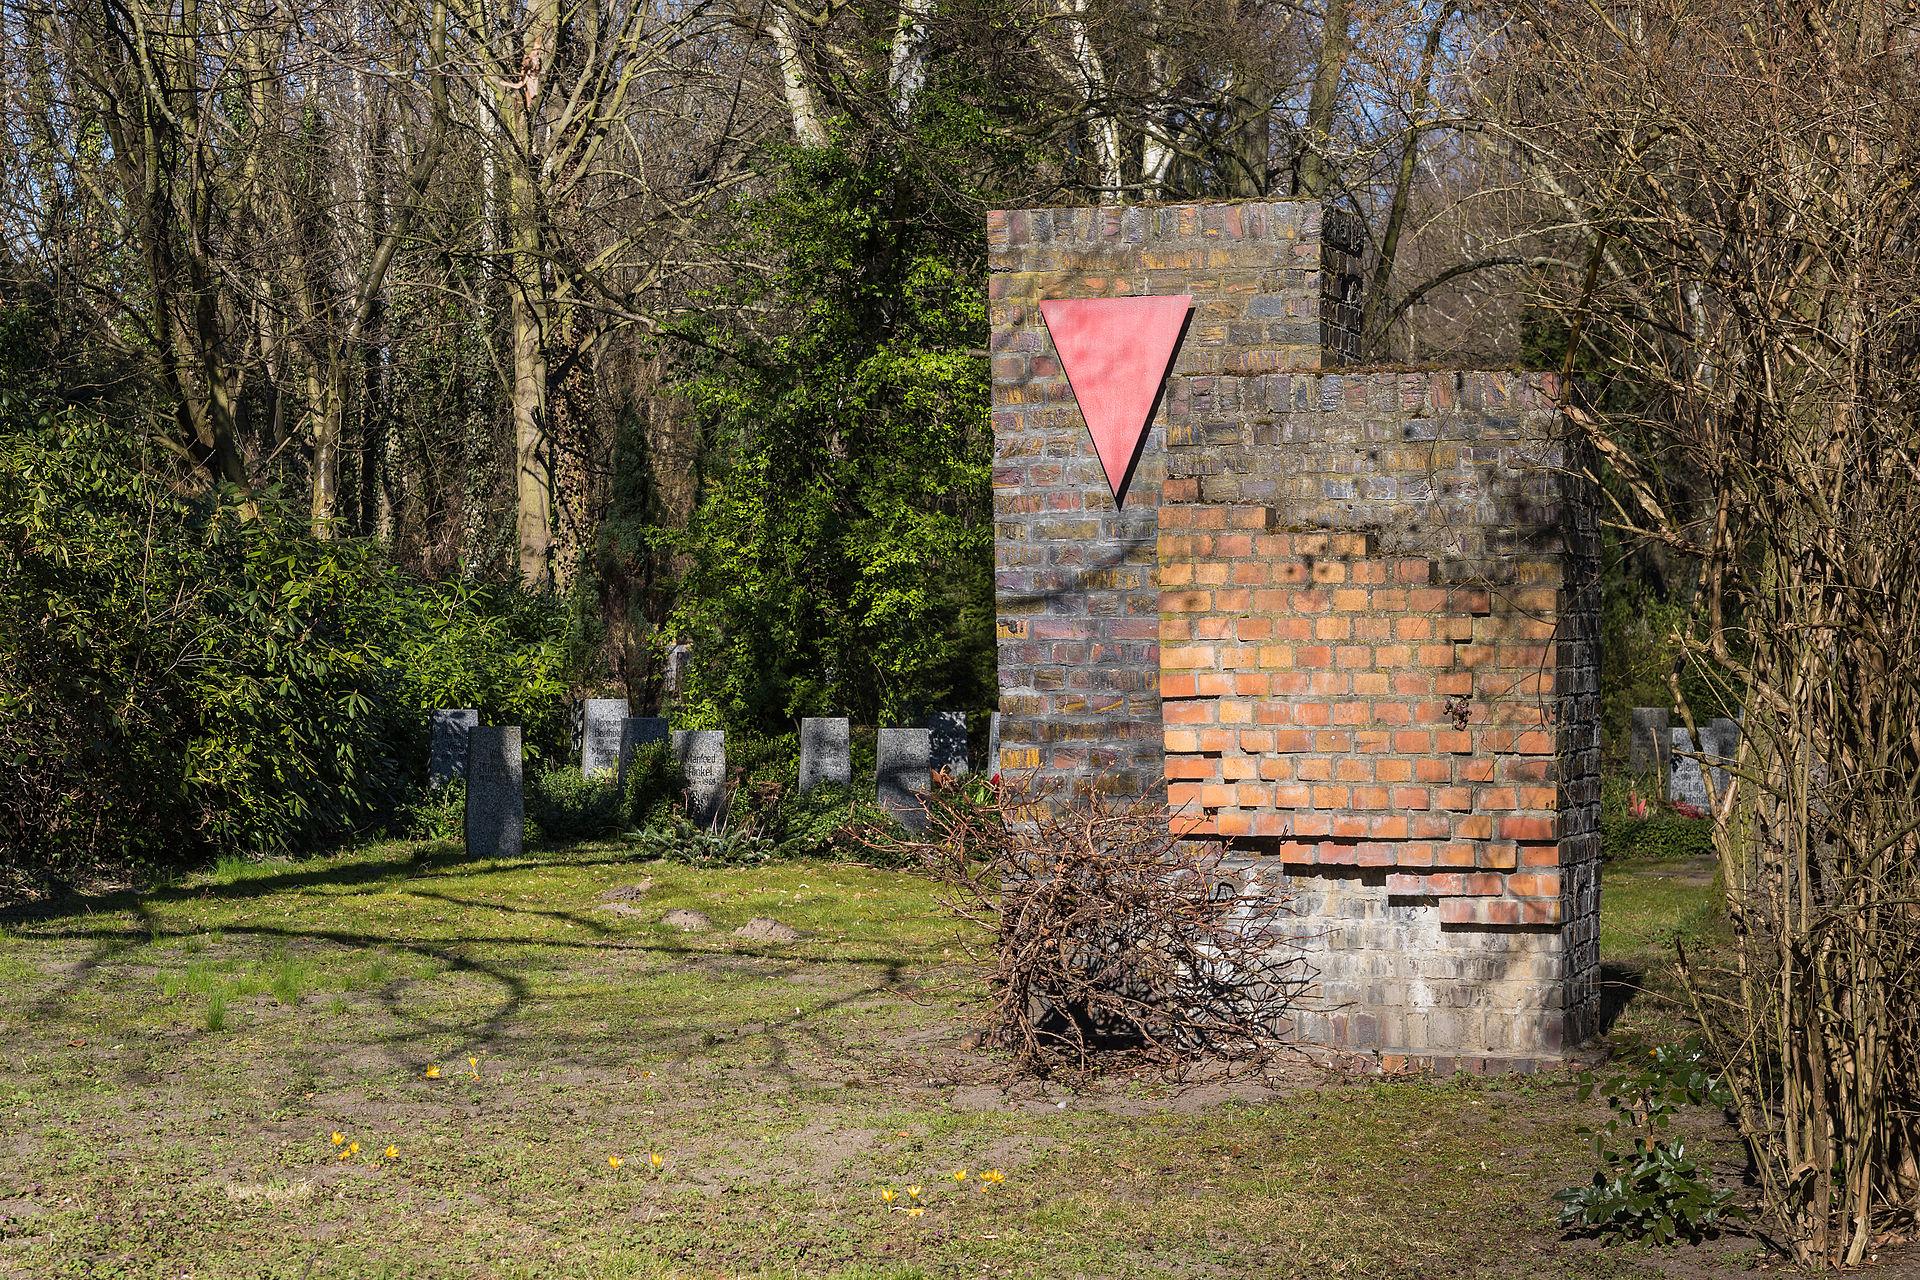 gemauerter-gedenkstein-mit-rotem-winkel